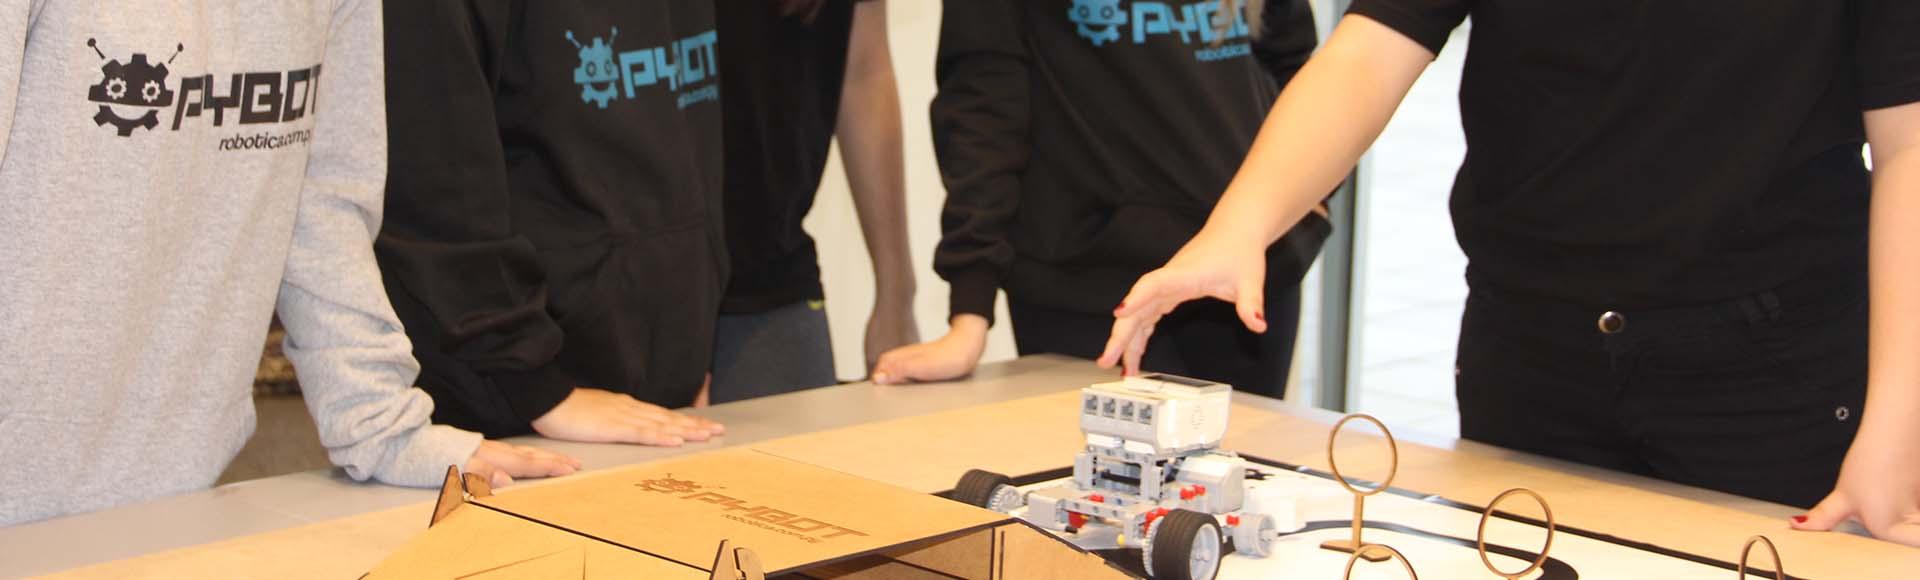 3, 2, 1... ¡PYBOT! El torneo de robótica que te desafía de nuevo